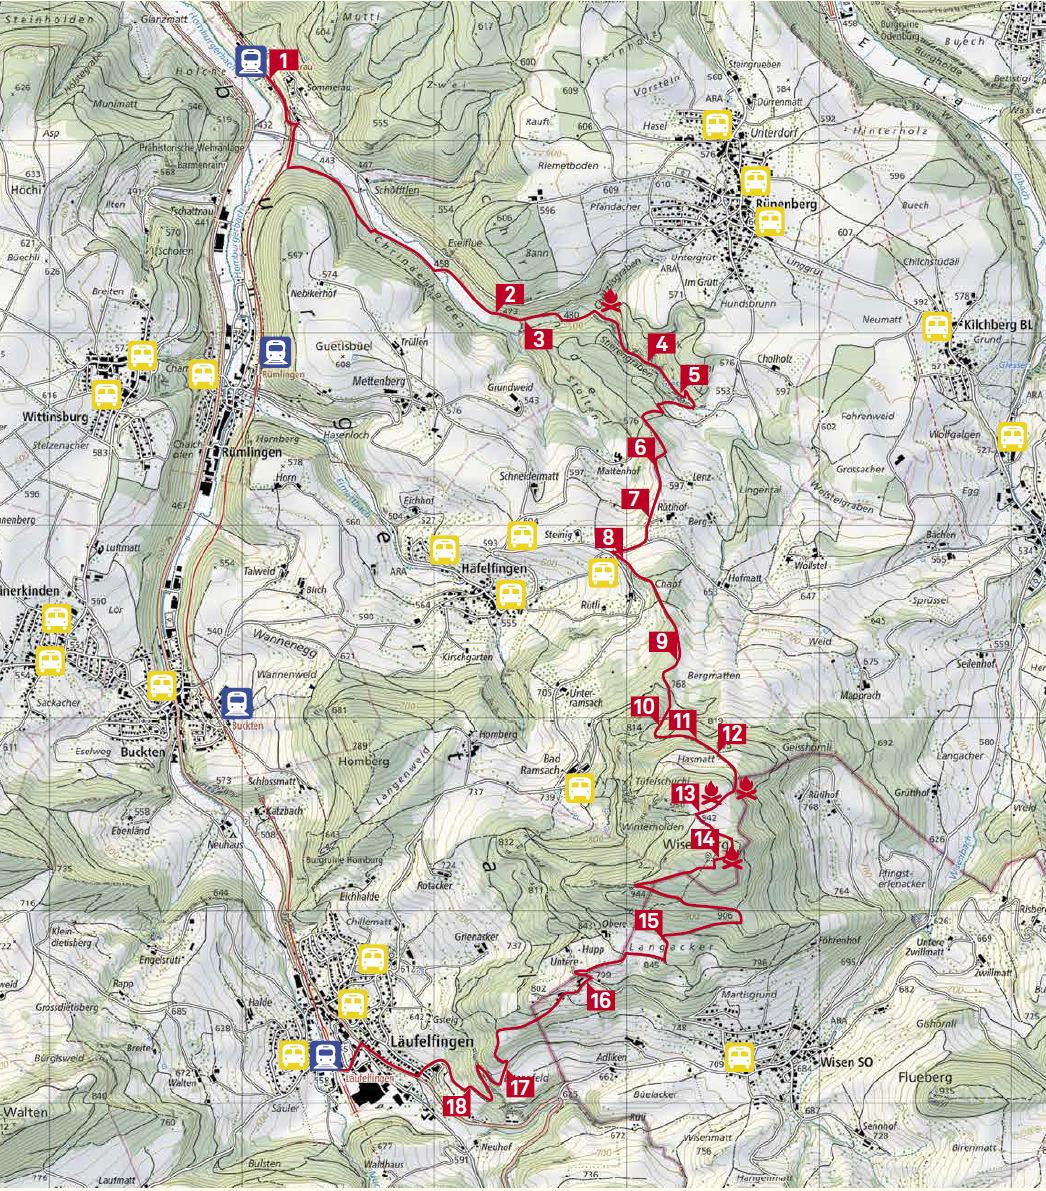 Karte Erlebnispfad wisenbergwärts